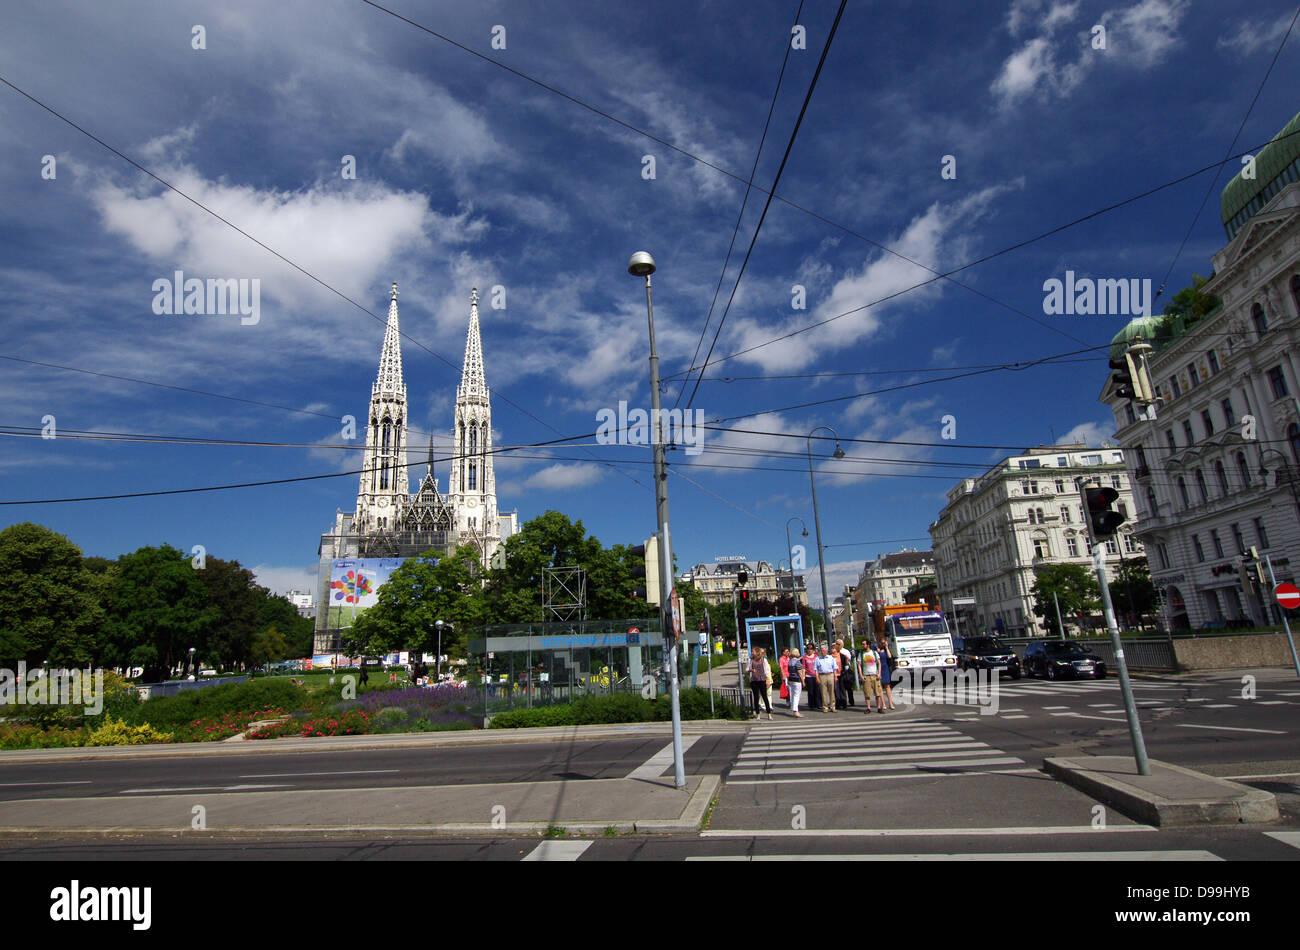 Schottengasse with Sigmund Freud Park & Votive Church in the background - Vienna, Austria - Stock Image